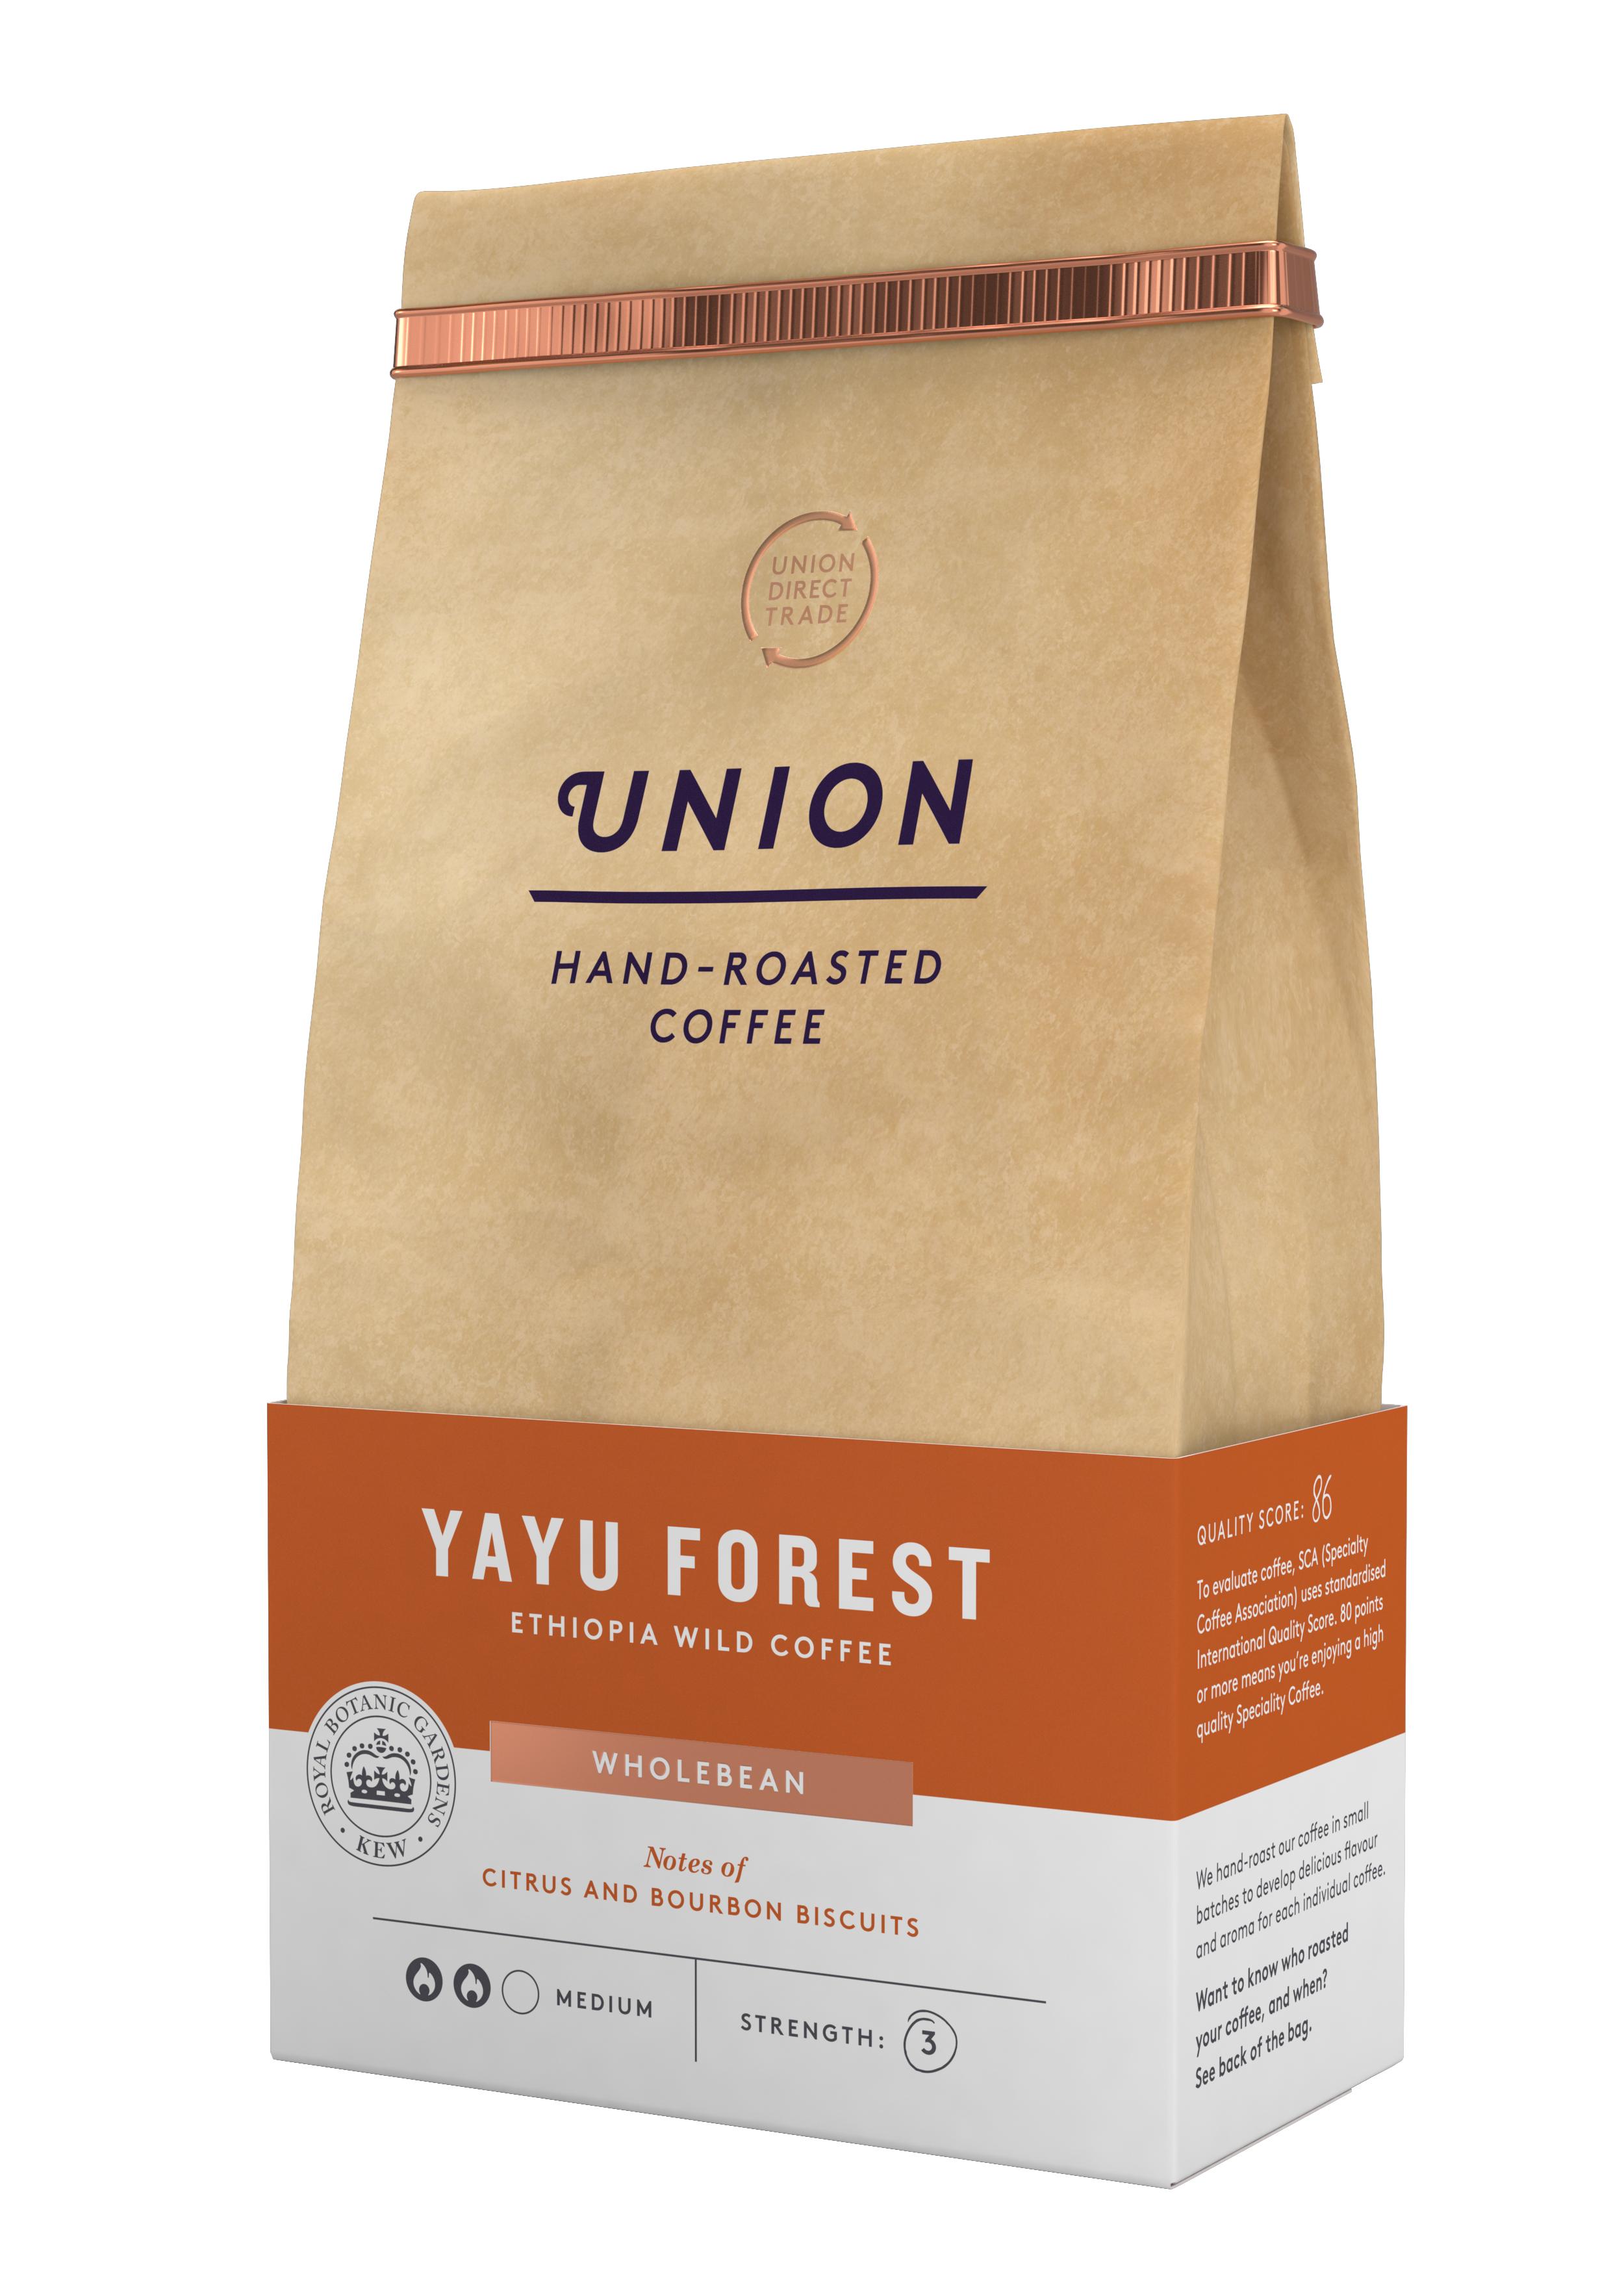 UNION_YAYU FOREST FINAL_A.JPG